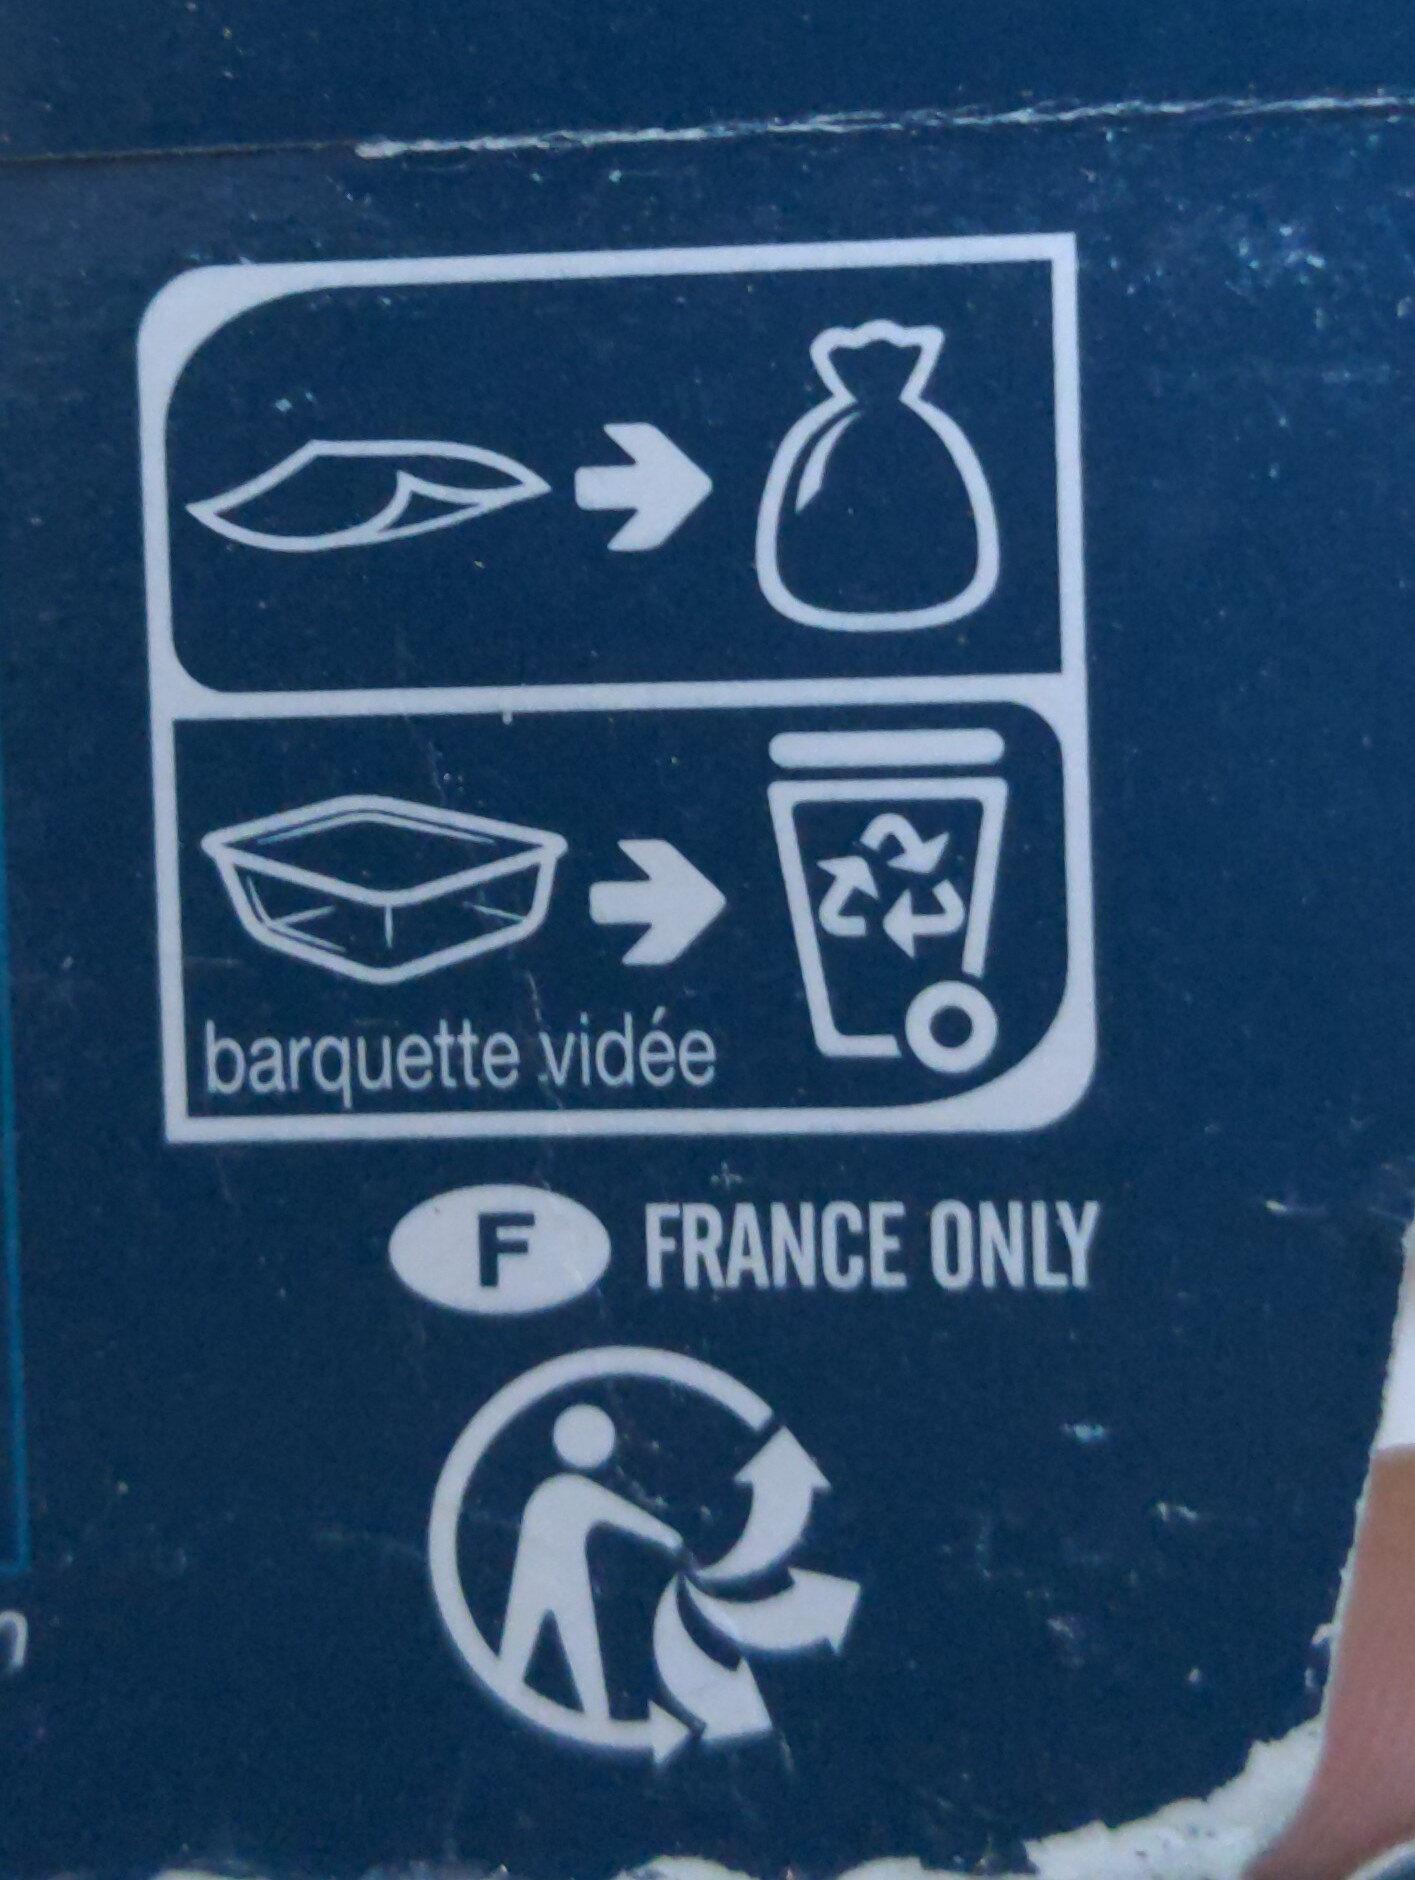 Merlu blanc sauce au cidre - Instruction de recyclage et/ou information d'emballage - fr